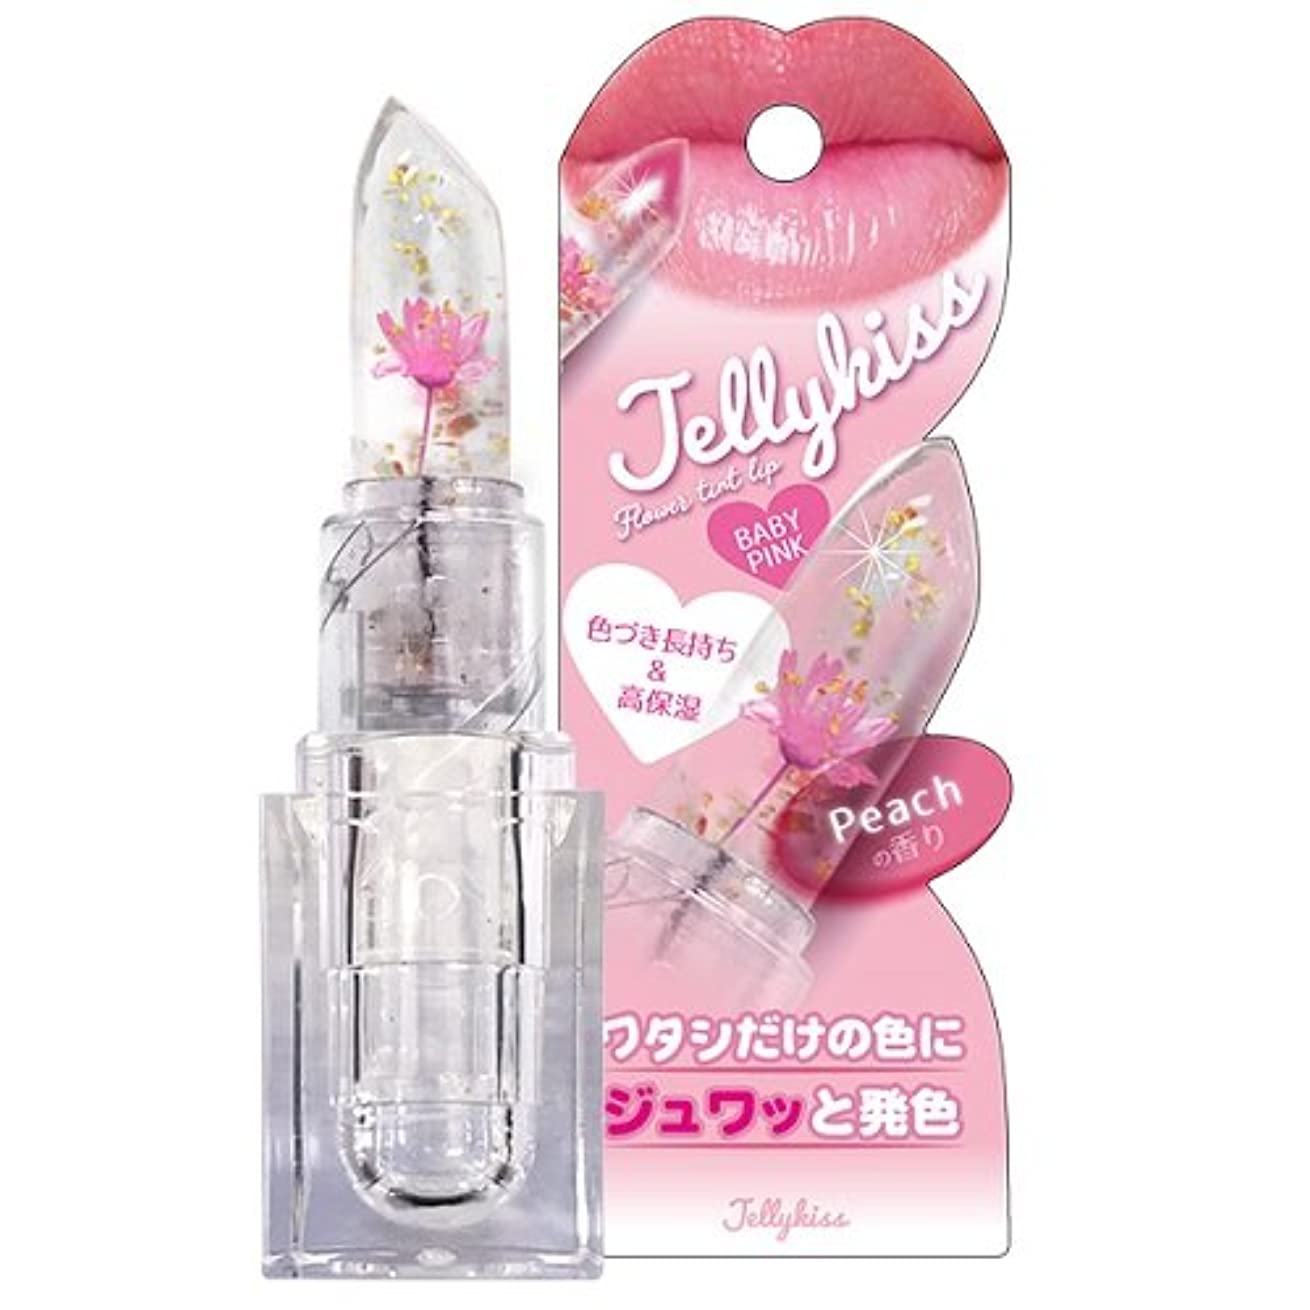 解釈神アライアンスジェリキス (Jelly kiss) 03 ベビーピンク 3.5g